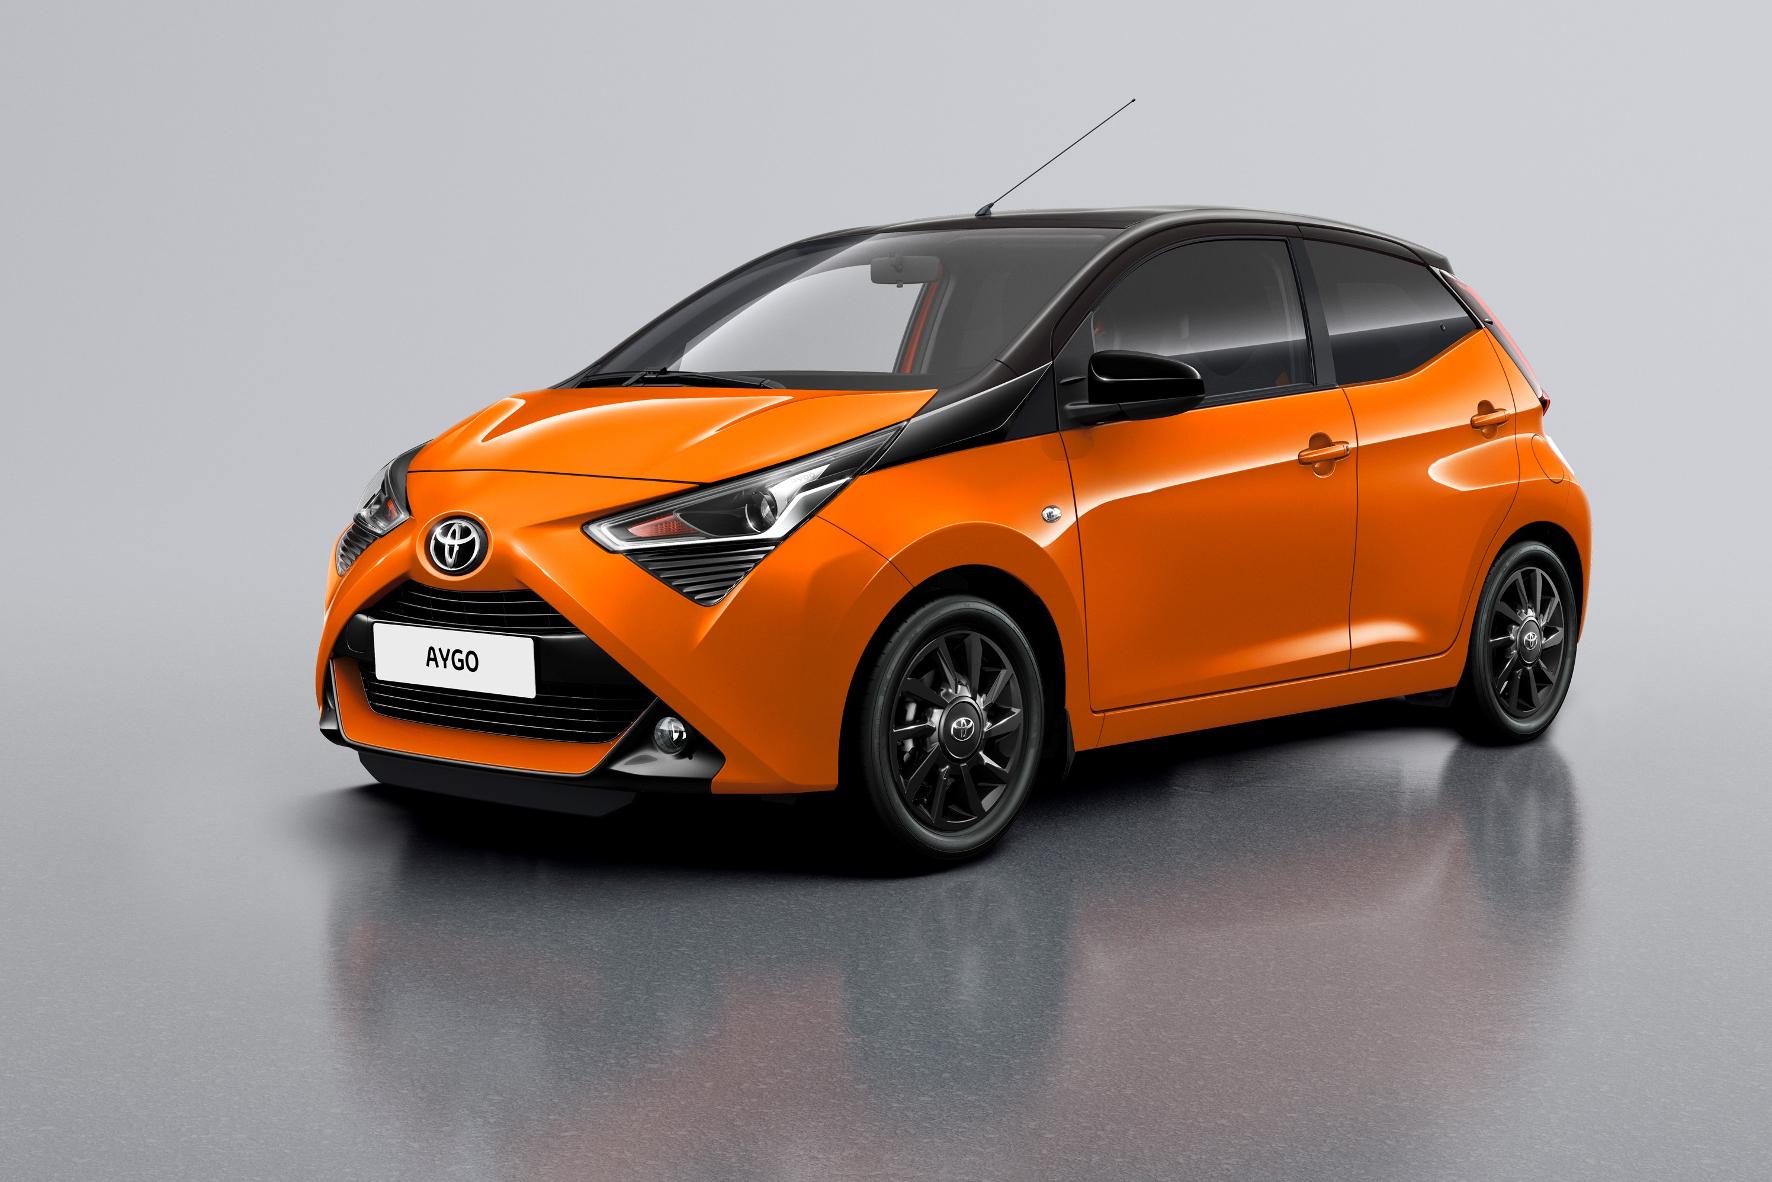 mid Groß-Gerau - Mit dem Sondermodell Aygo x-cite will Toyota einen neuen Farbtupfer setzen. Toyota